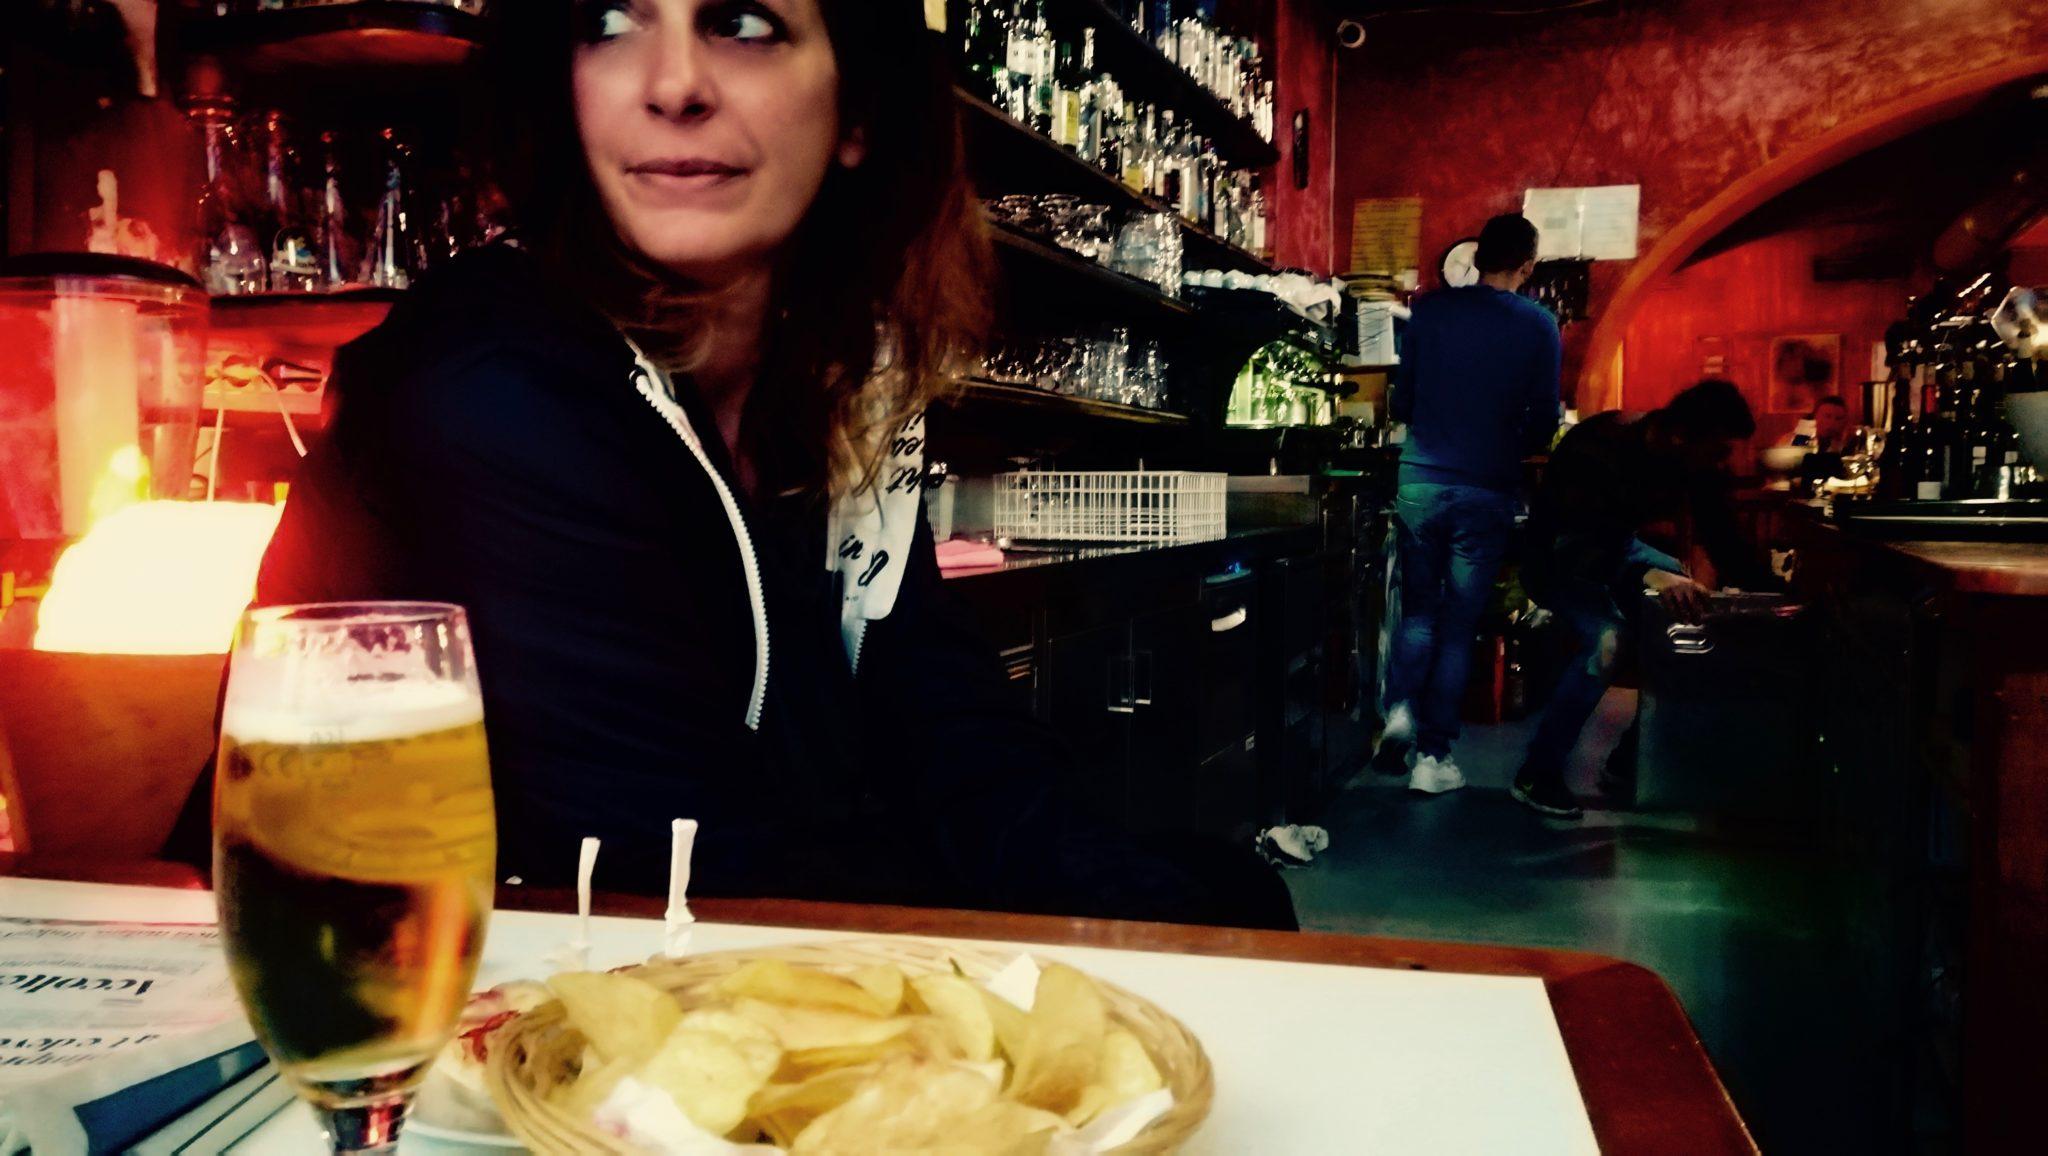 Verena e Marco sognavano di aprire un bar in Grecia. Hanno aperto a Bolzano il Nadamas: cucina etnica, musica da ovunque, luogo cult